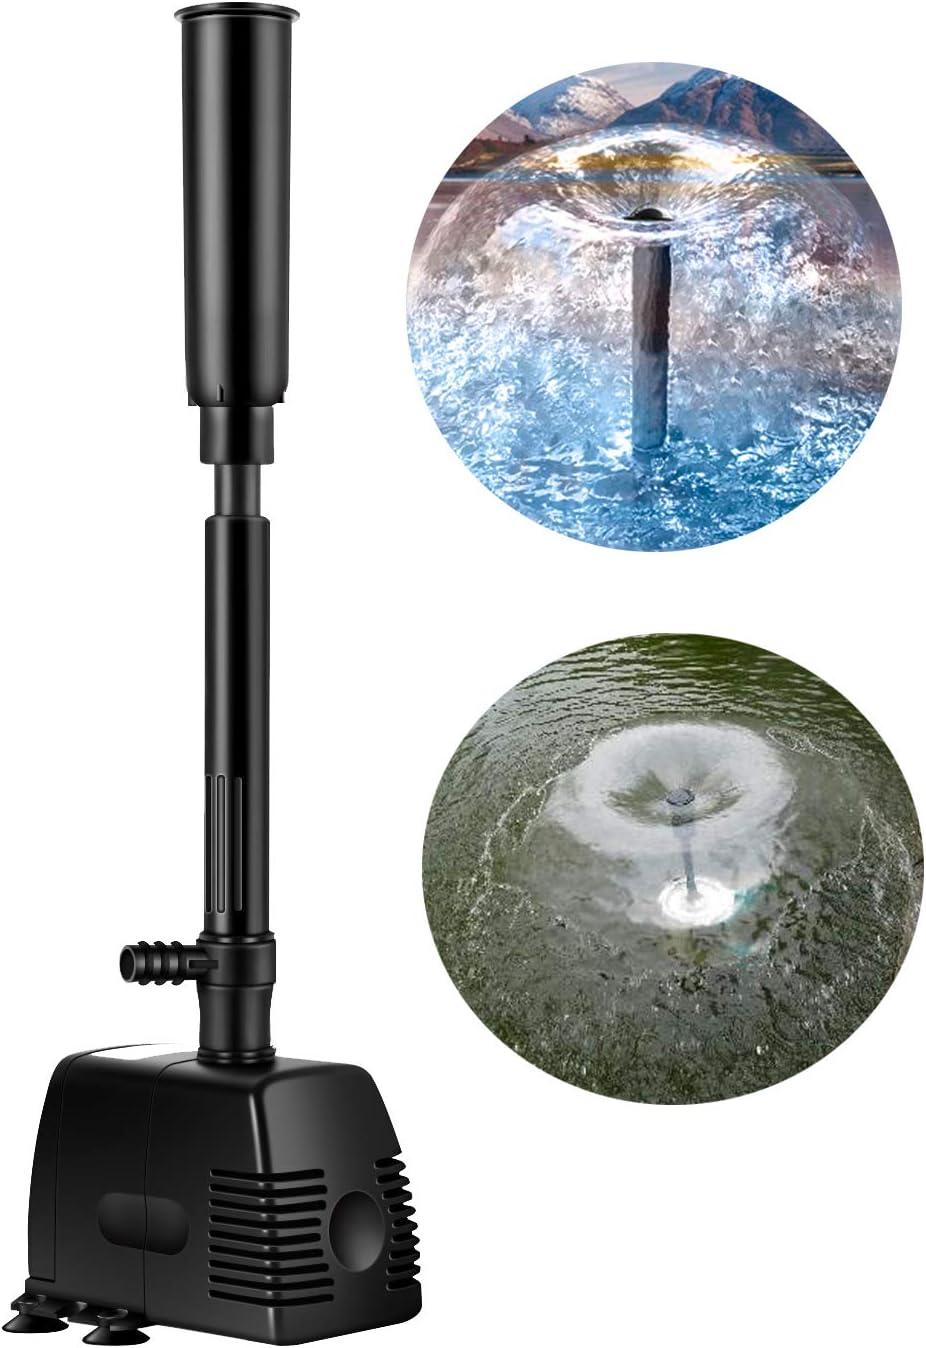 Springbrunnen Pumpe 15W 1500L//H1.6m Teichpumpe Tauchpumpe Wasserpumpe Fontäne tn